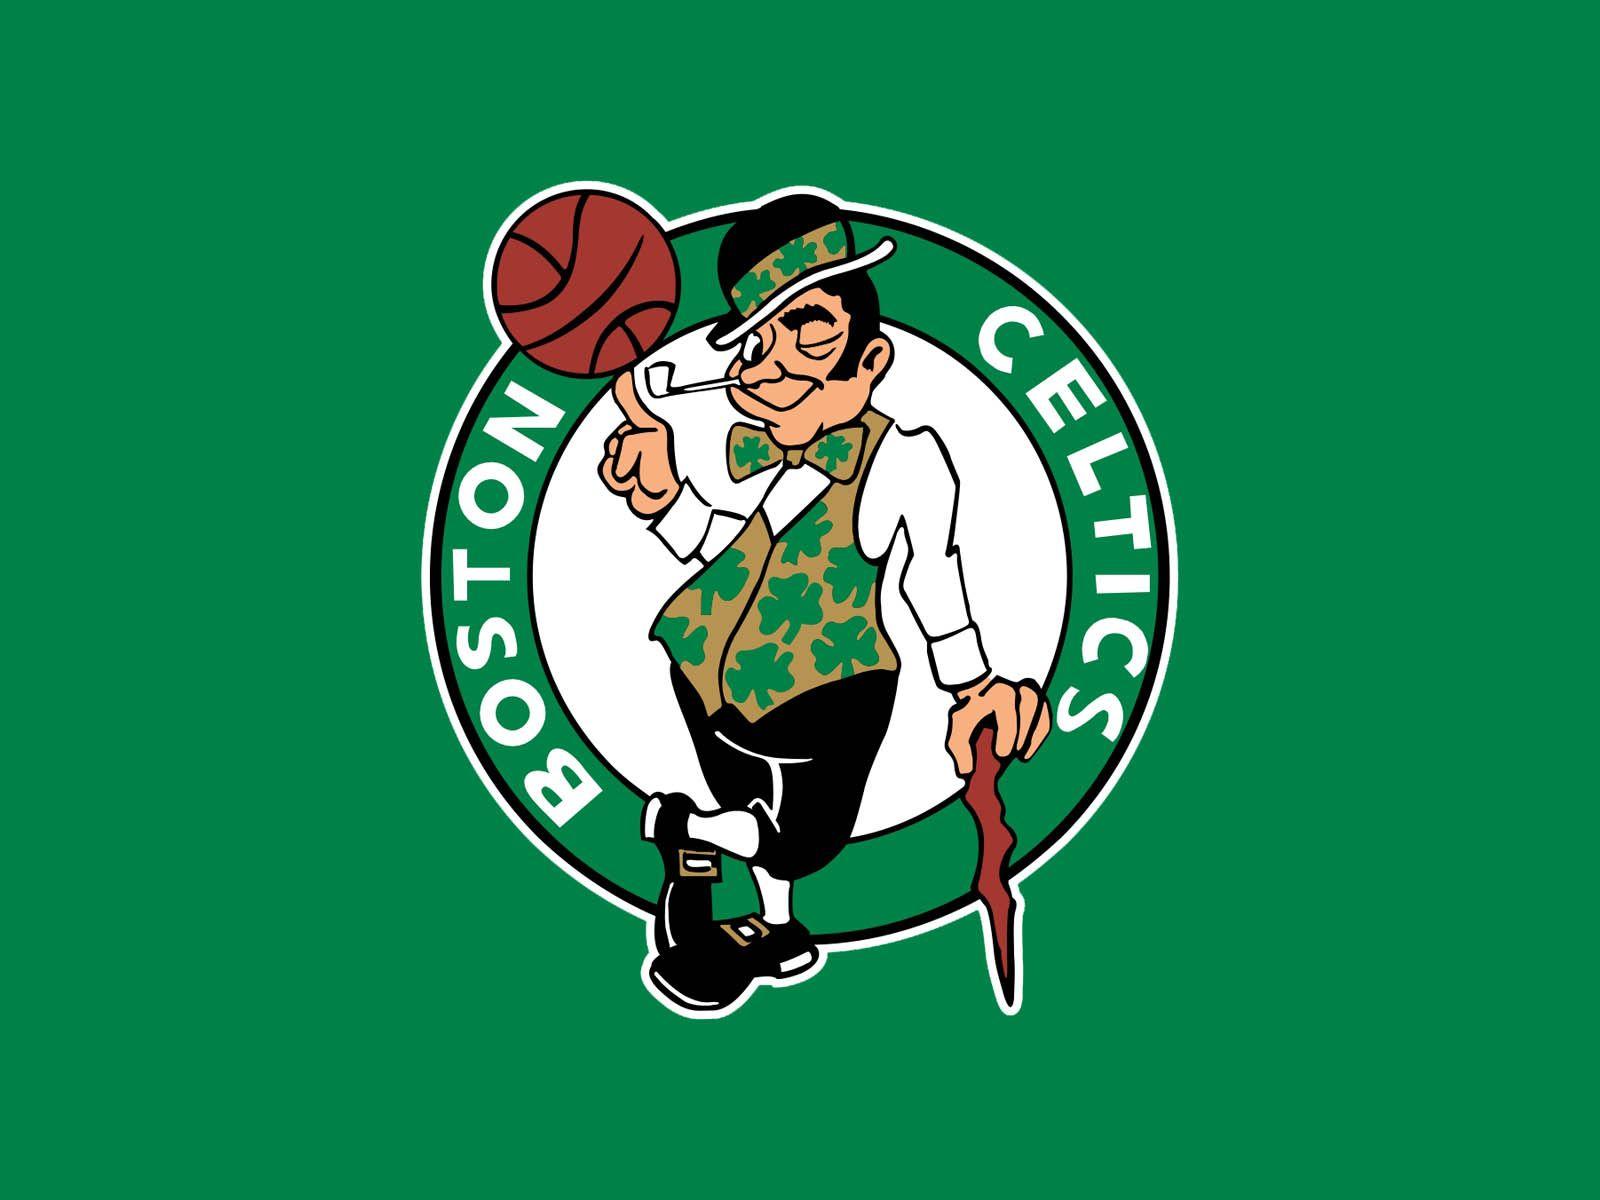 Il logo dei Celtics